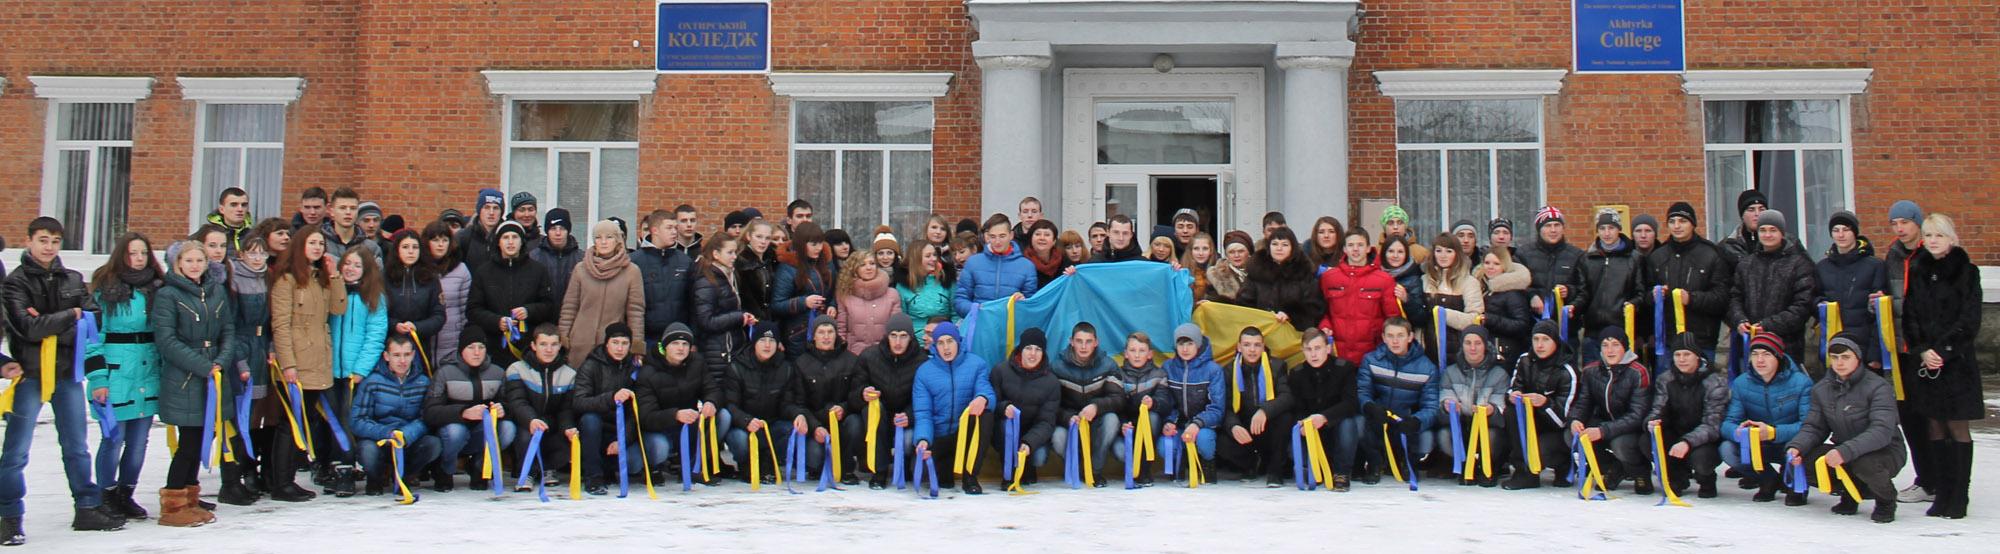 Охтирський коледж Сумського національного аграрного університету